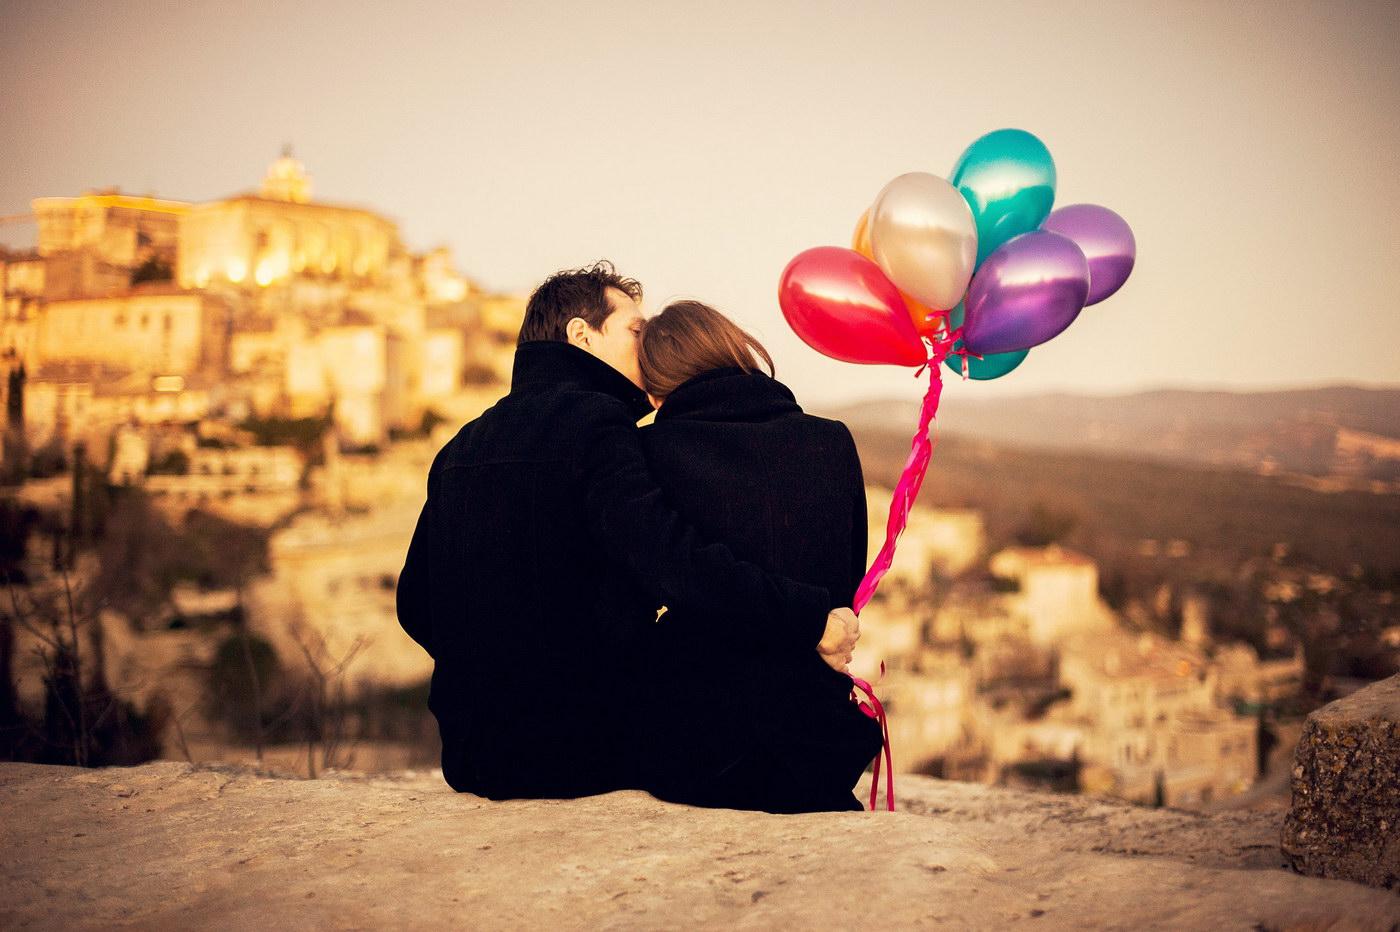 Αποτέλεσμα εικόνας για love you dp for whatsapp